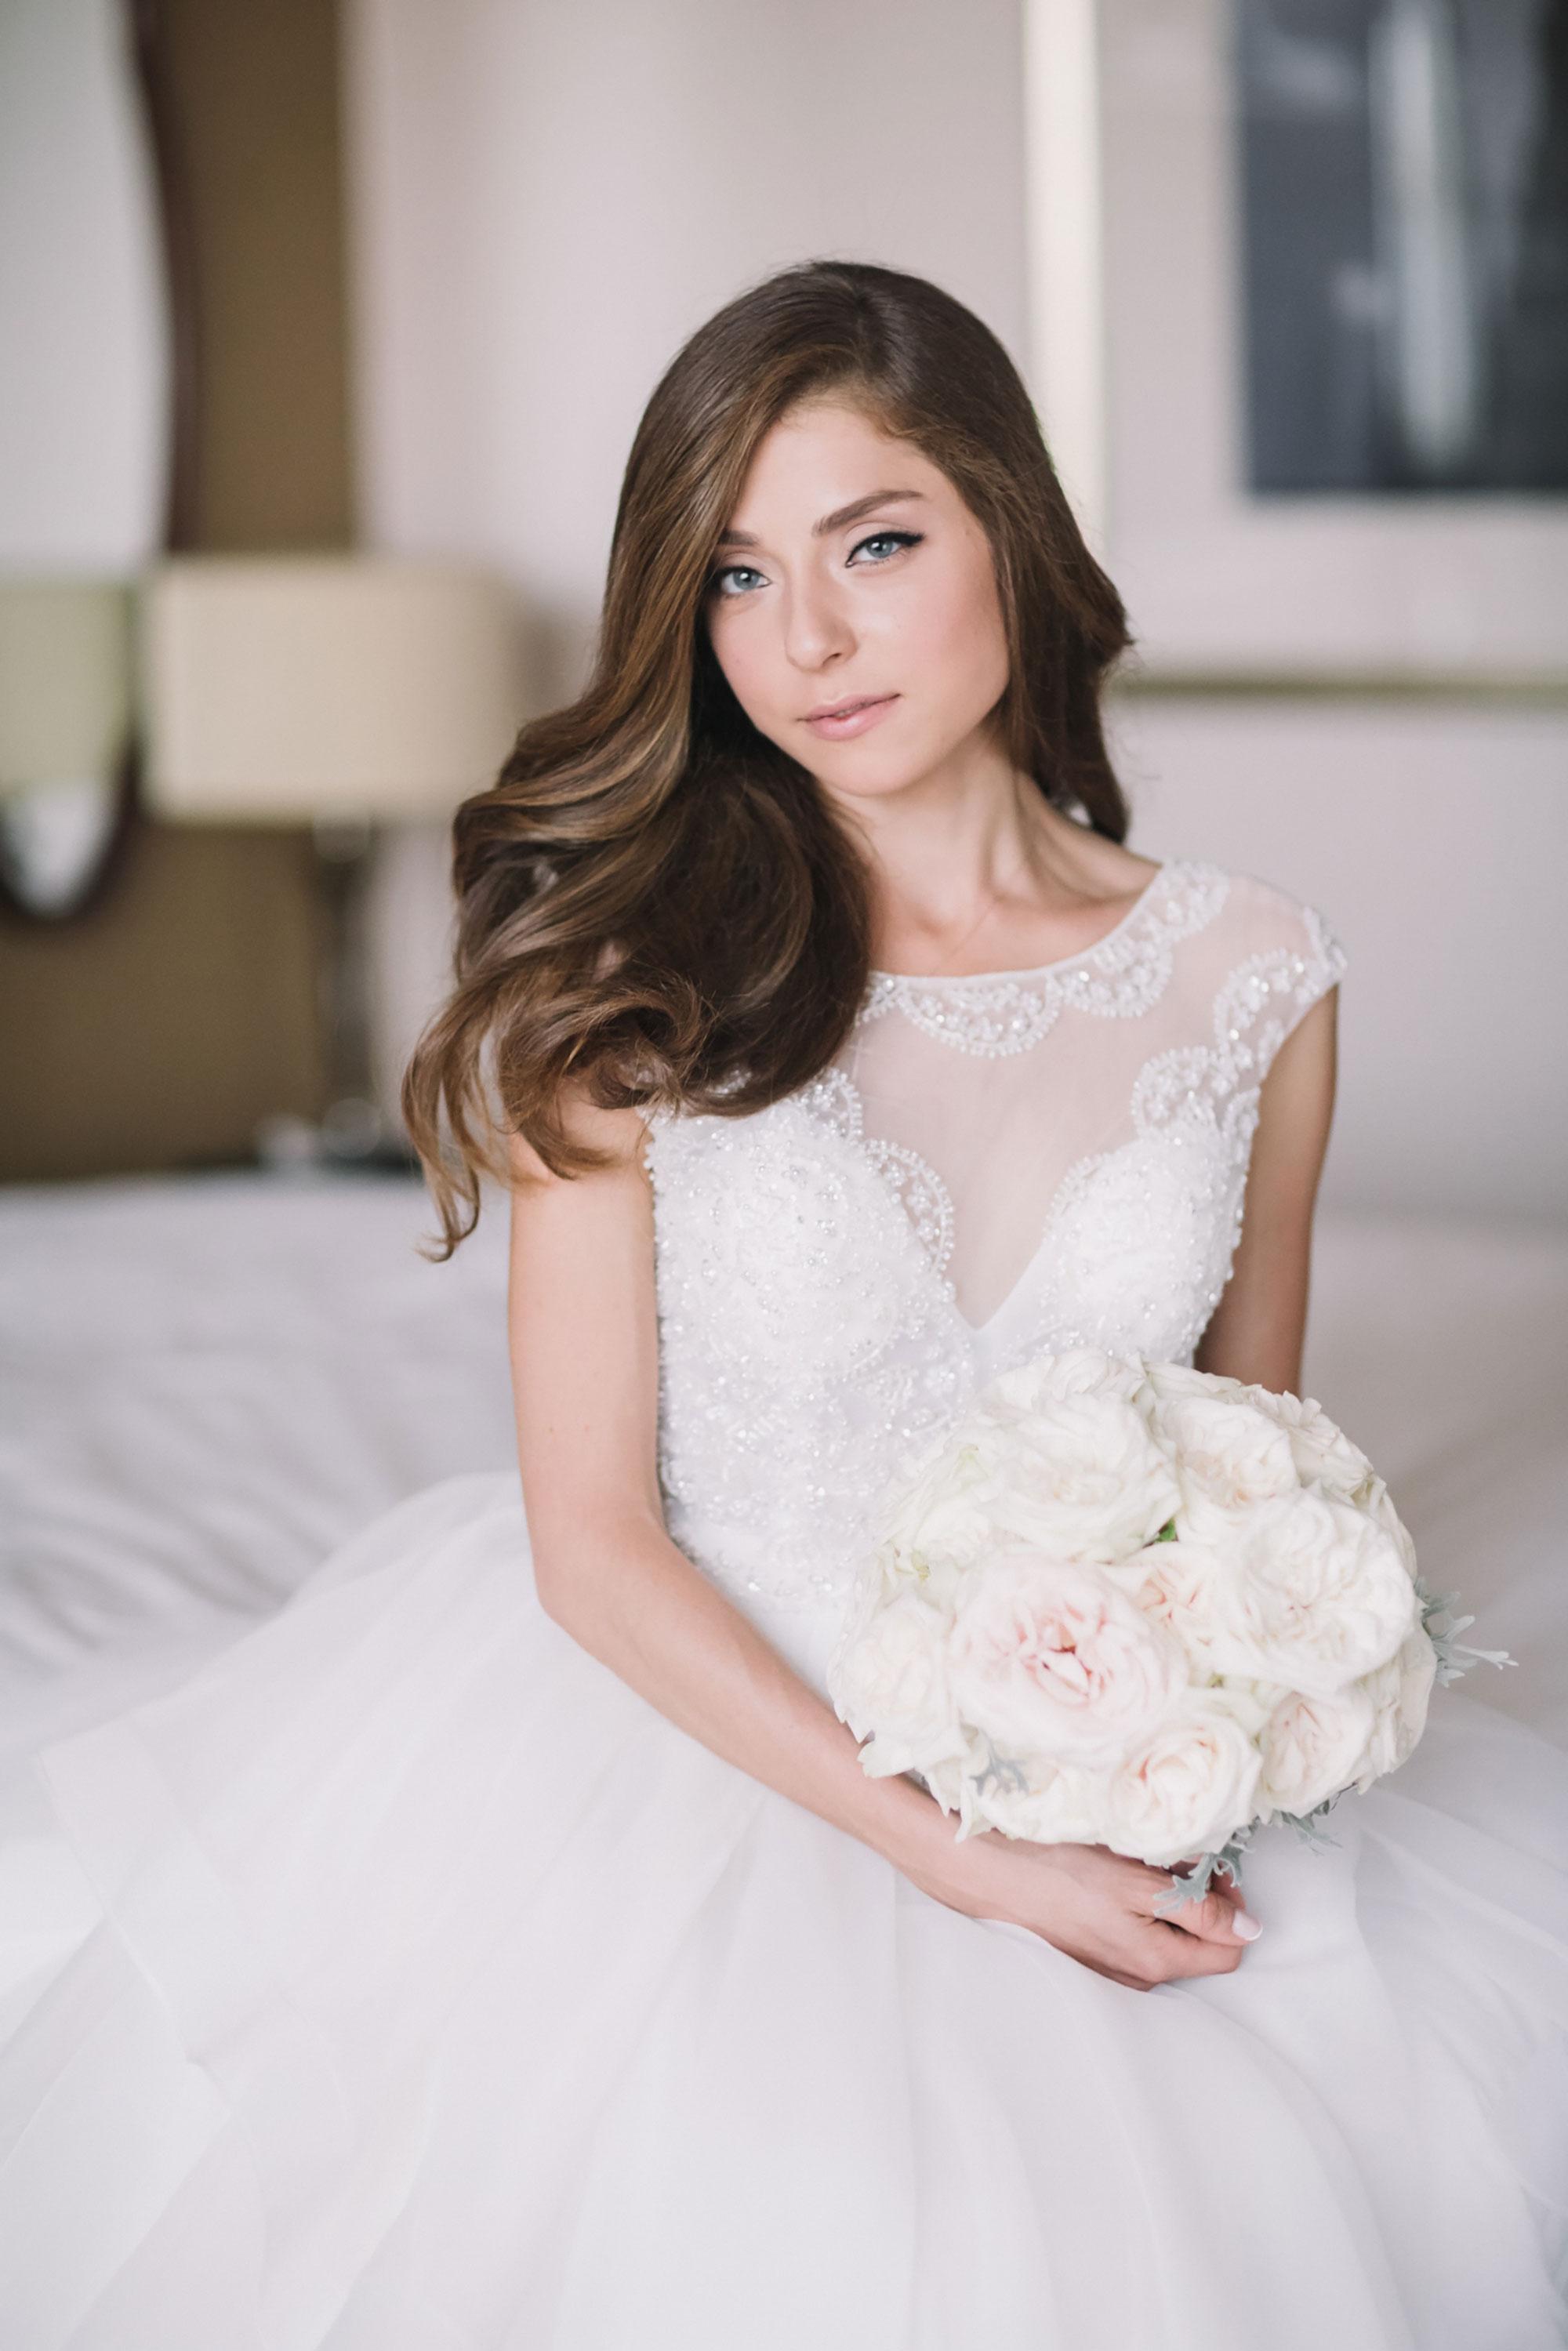 4b1d2b5d45ee92 Создаем образ невесты: как выбрать свадебное платье